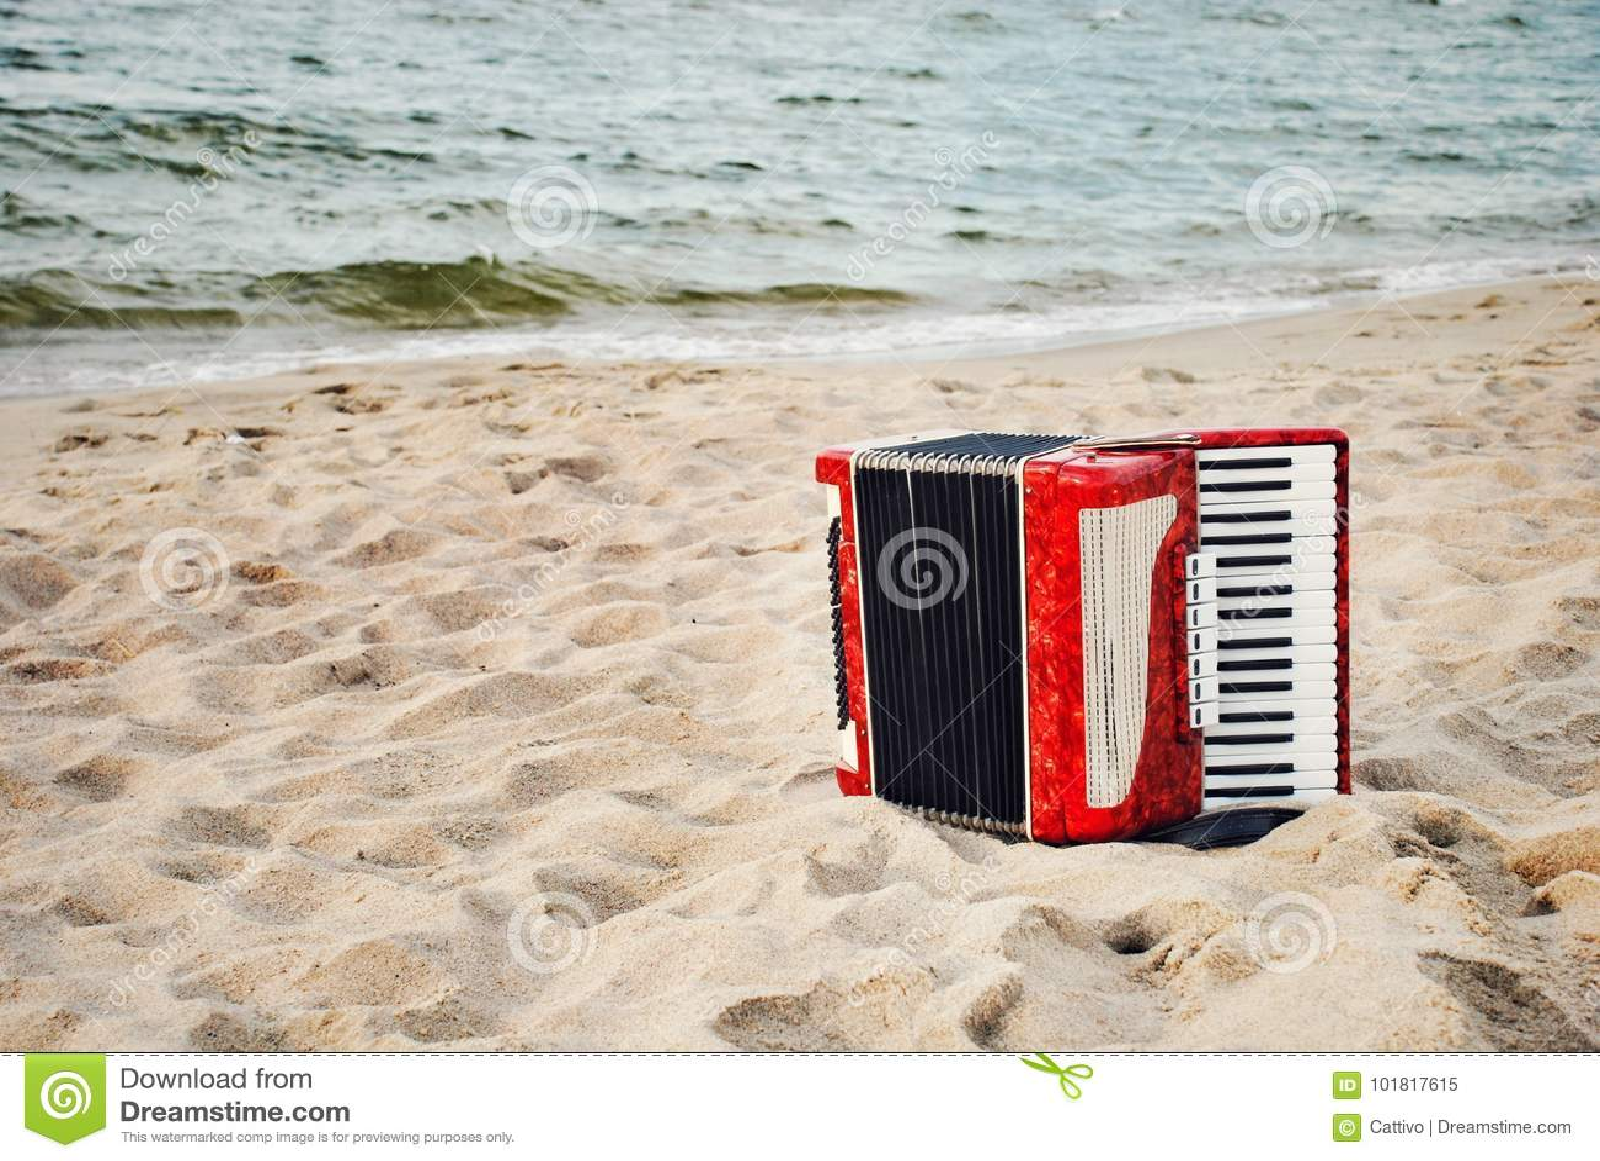 Um acordeão vermelho em uma praia